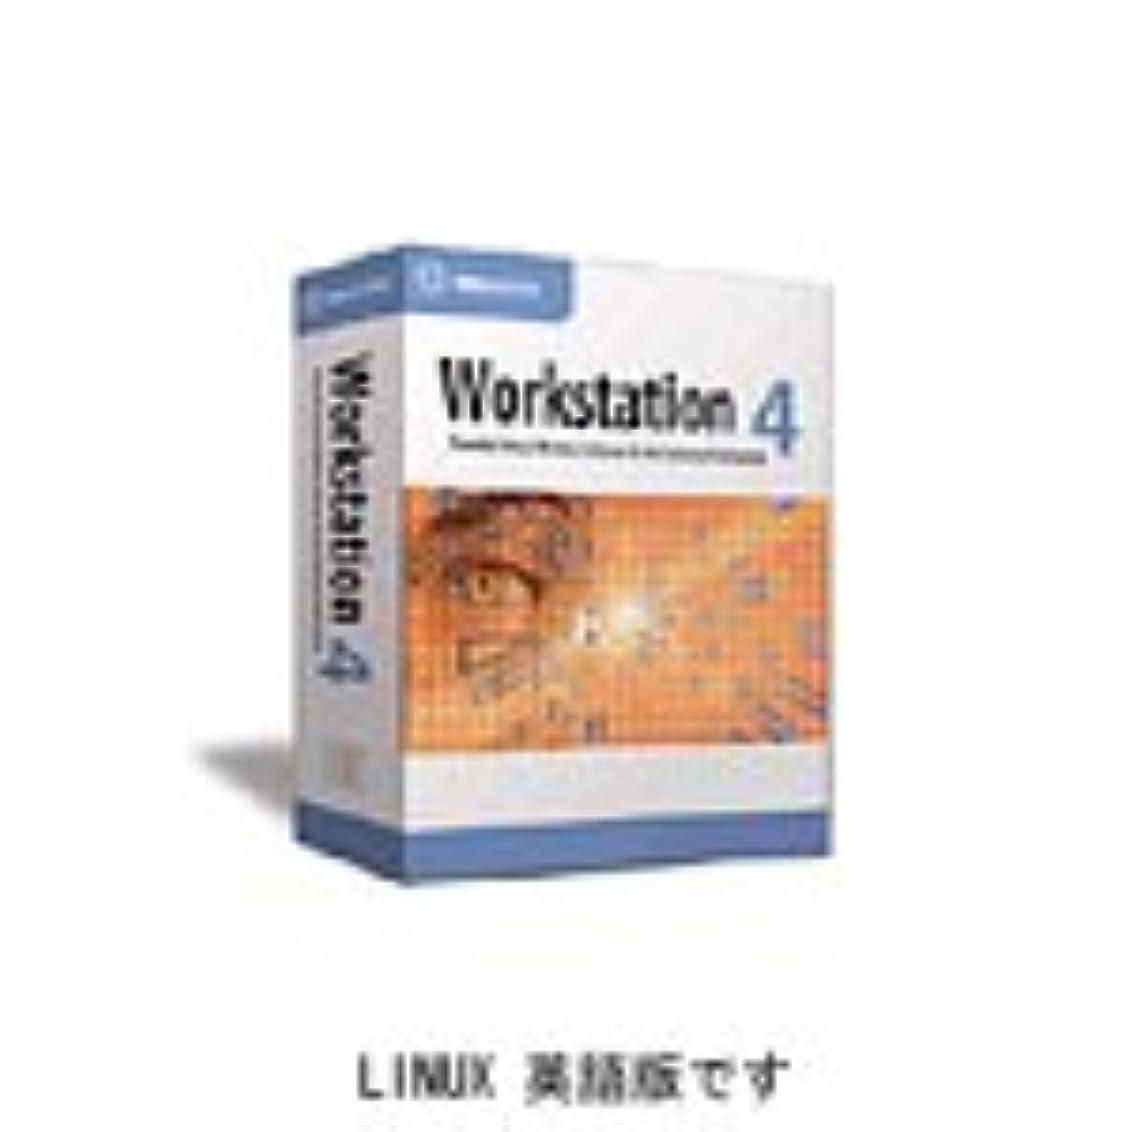 通常判決アンテナVmware Workstation 4 for LINUX 英語版